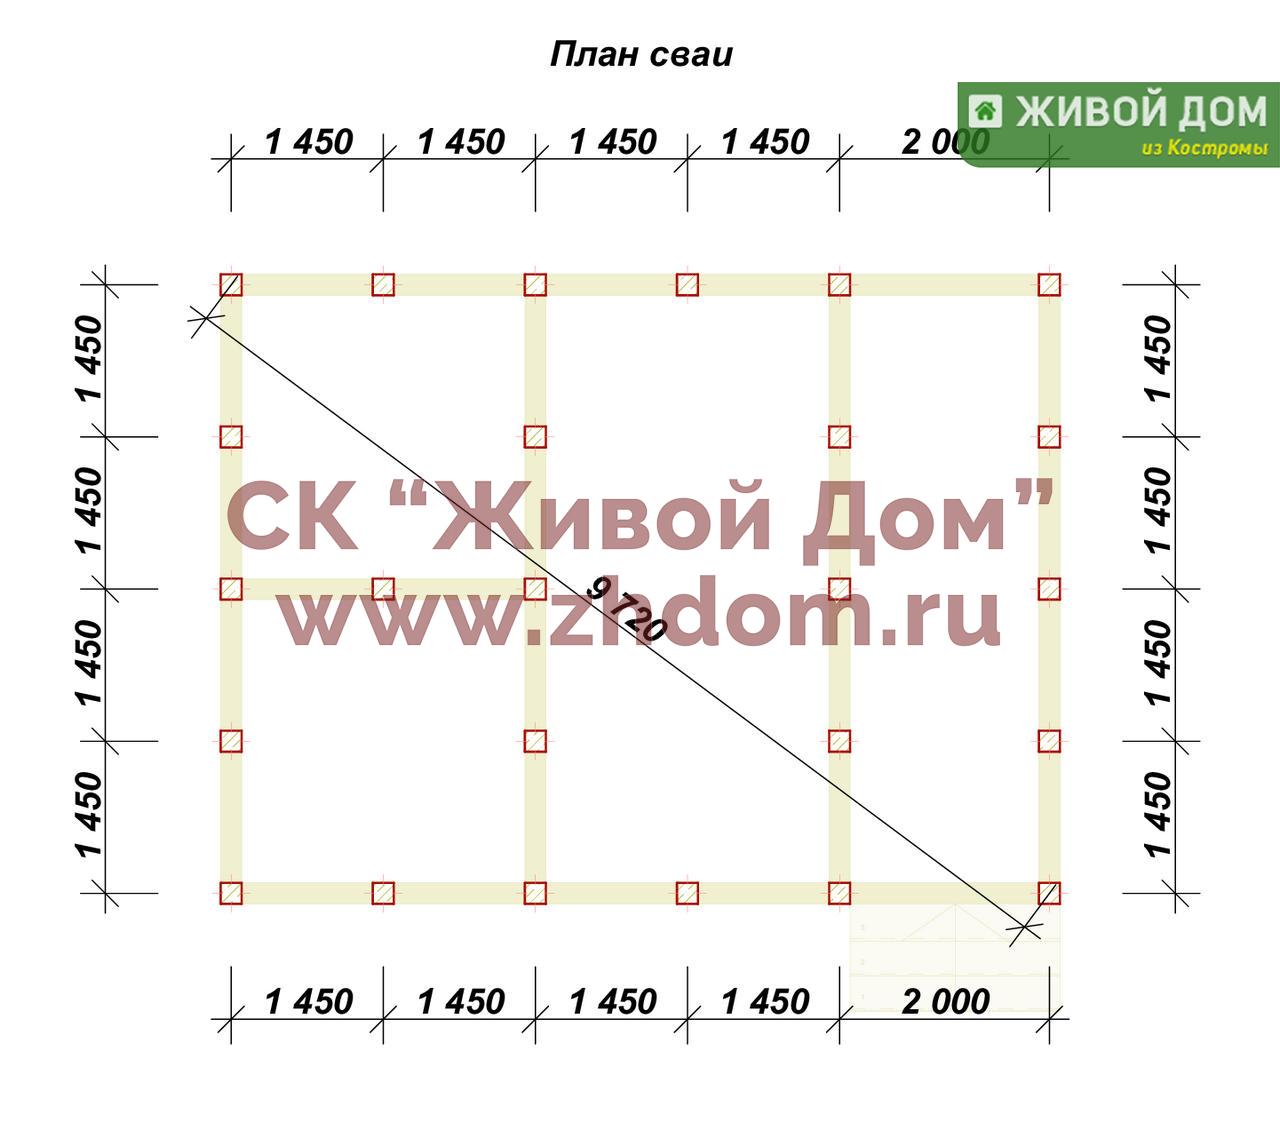 Винтовые сваи для фундамента купить цена монтаж Подольский район